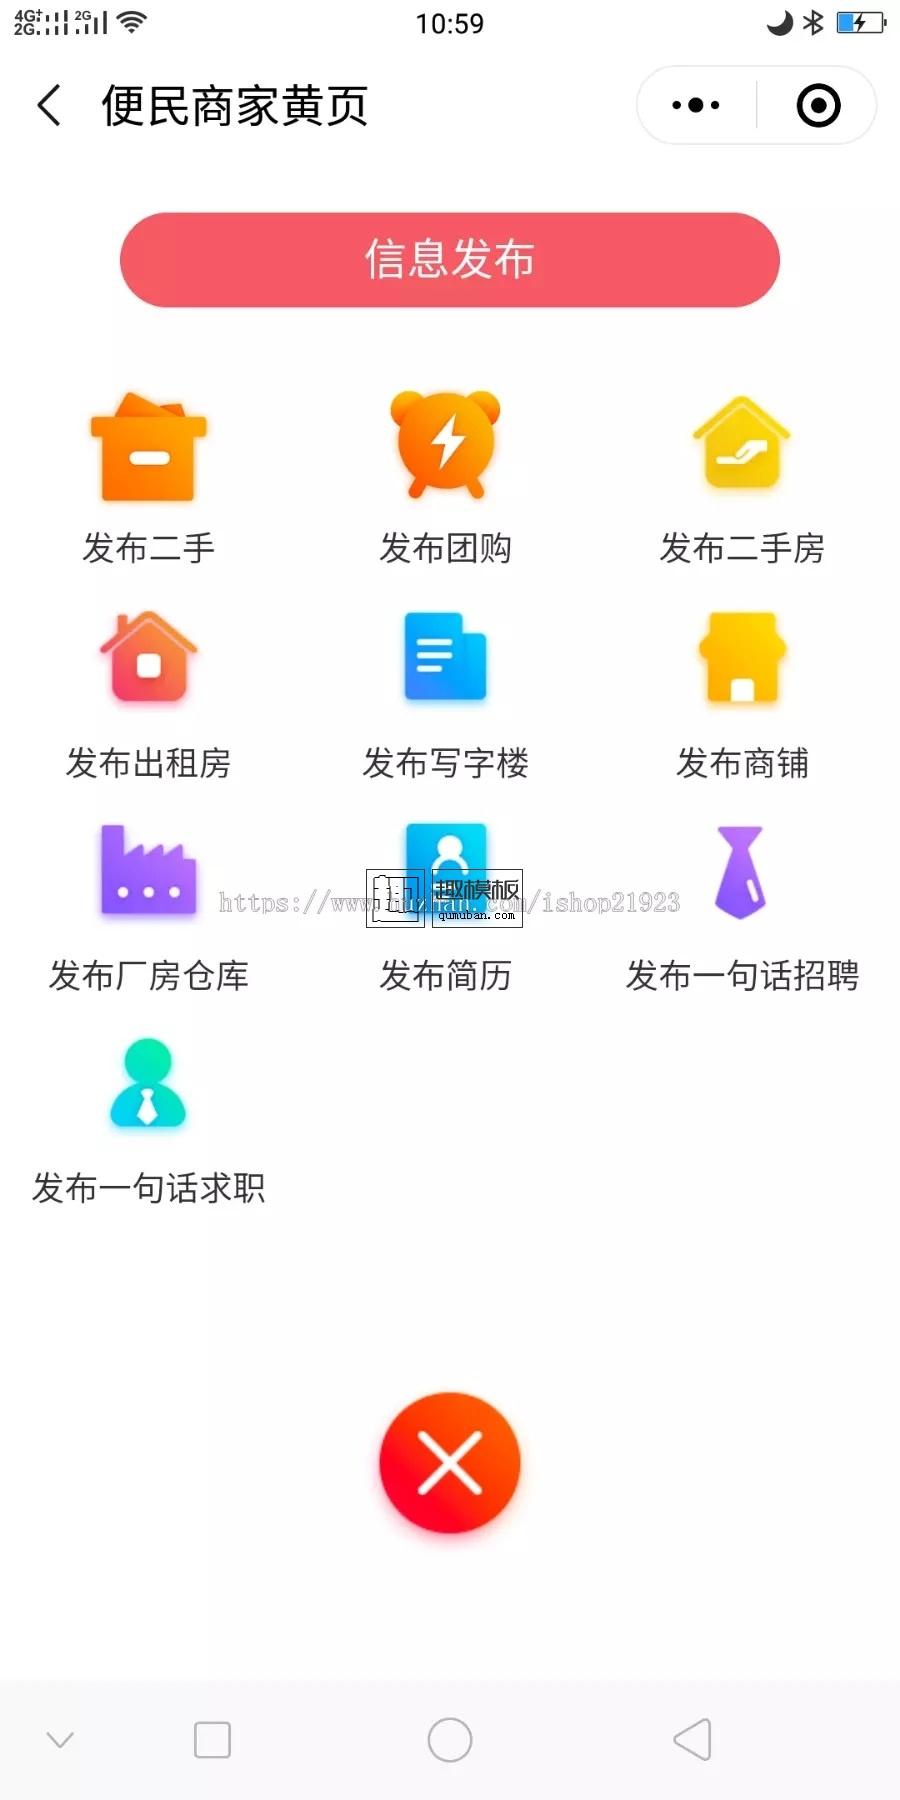 火鸟门户系统v4.3模板源码 火鸟多城市版五端包含 电脑手机微信小程序原生APP源码 网站源码 第2张